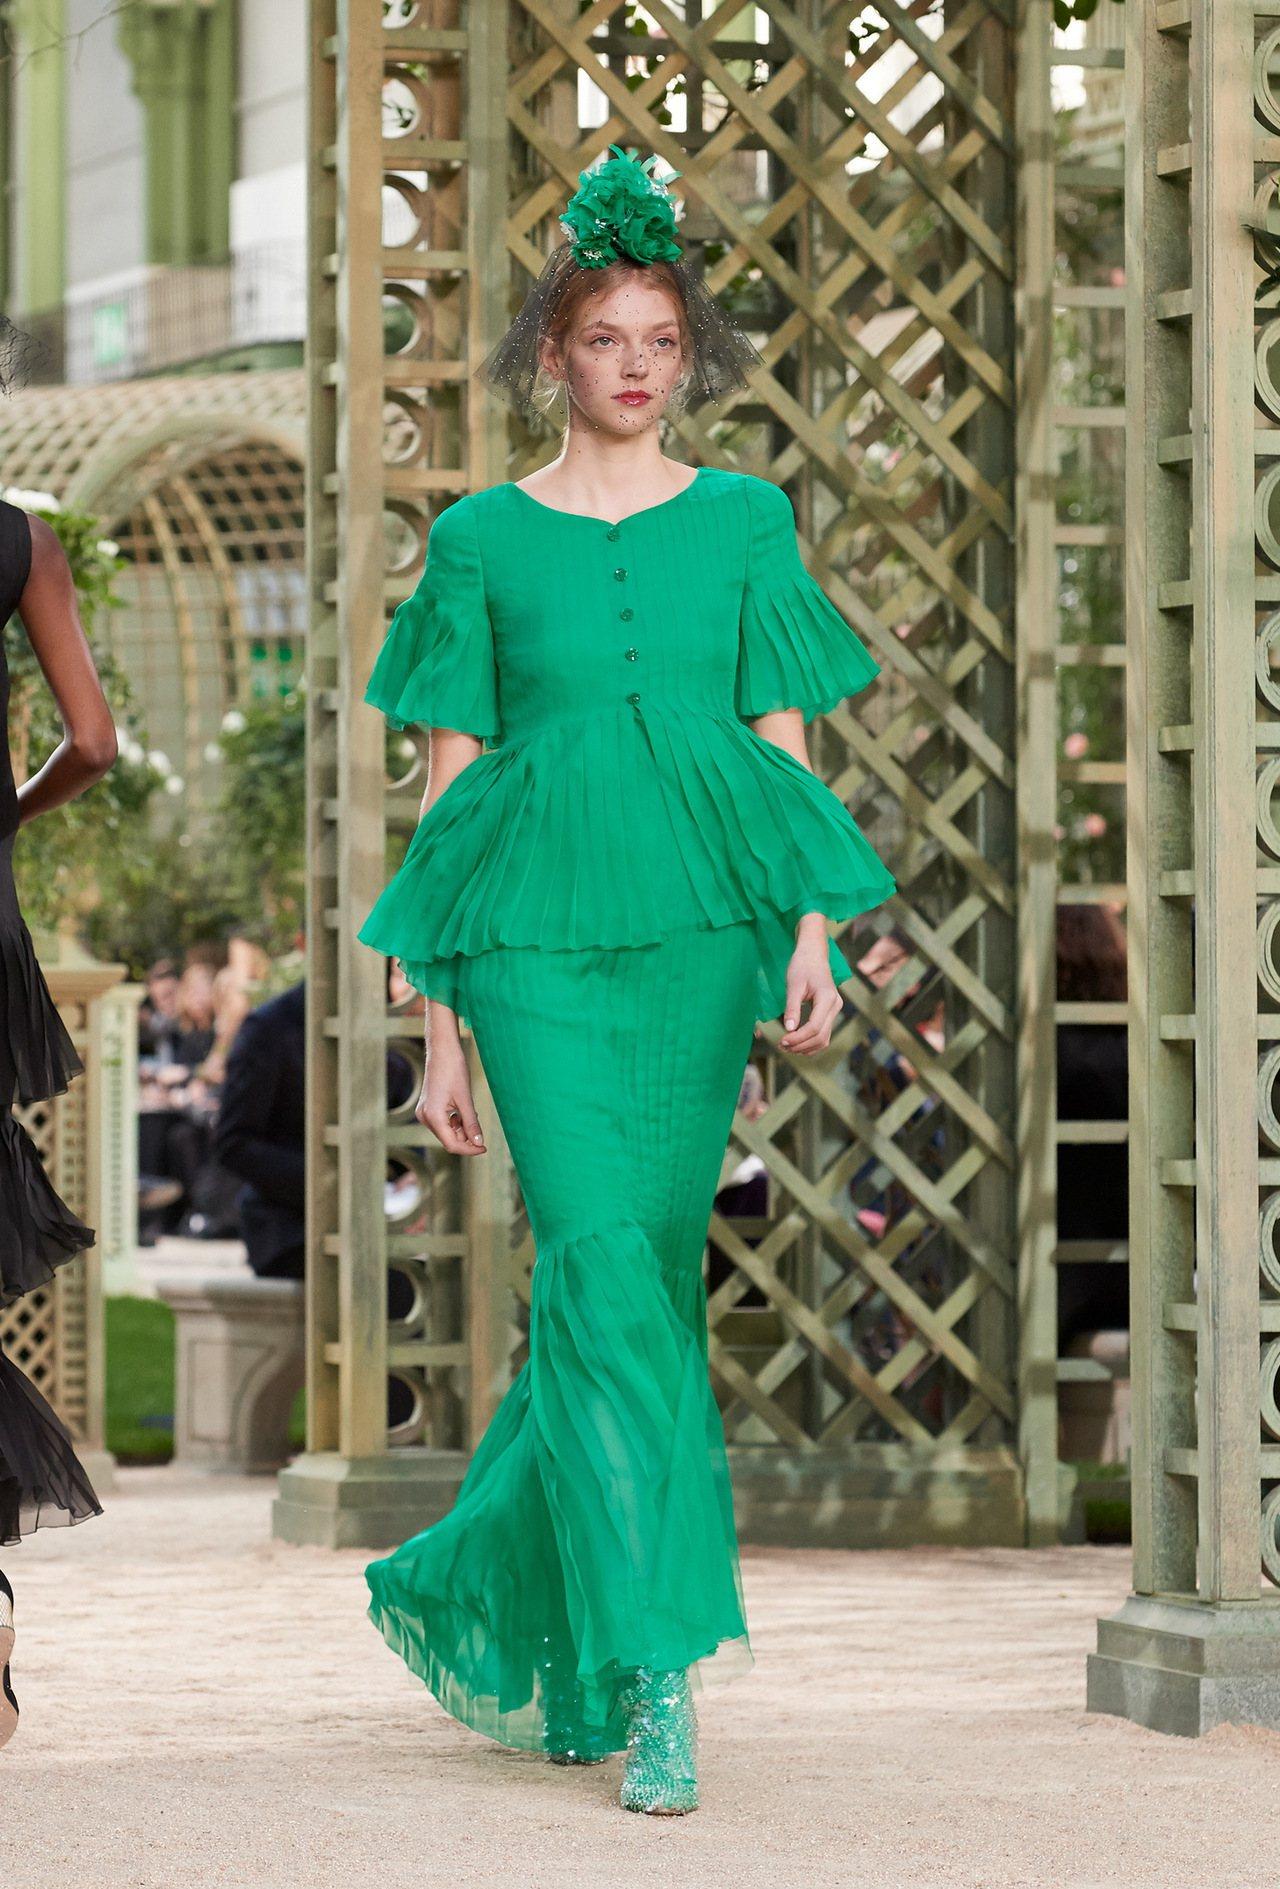 飽和亮色系的套裝,以百褶袖、燈籠束口袖帶出復古優雅姿態。圖/香奈兒提供